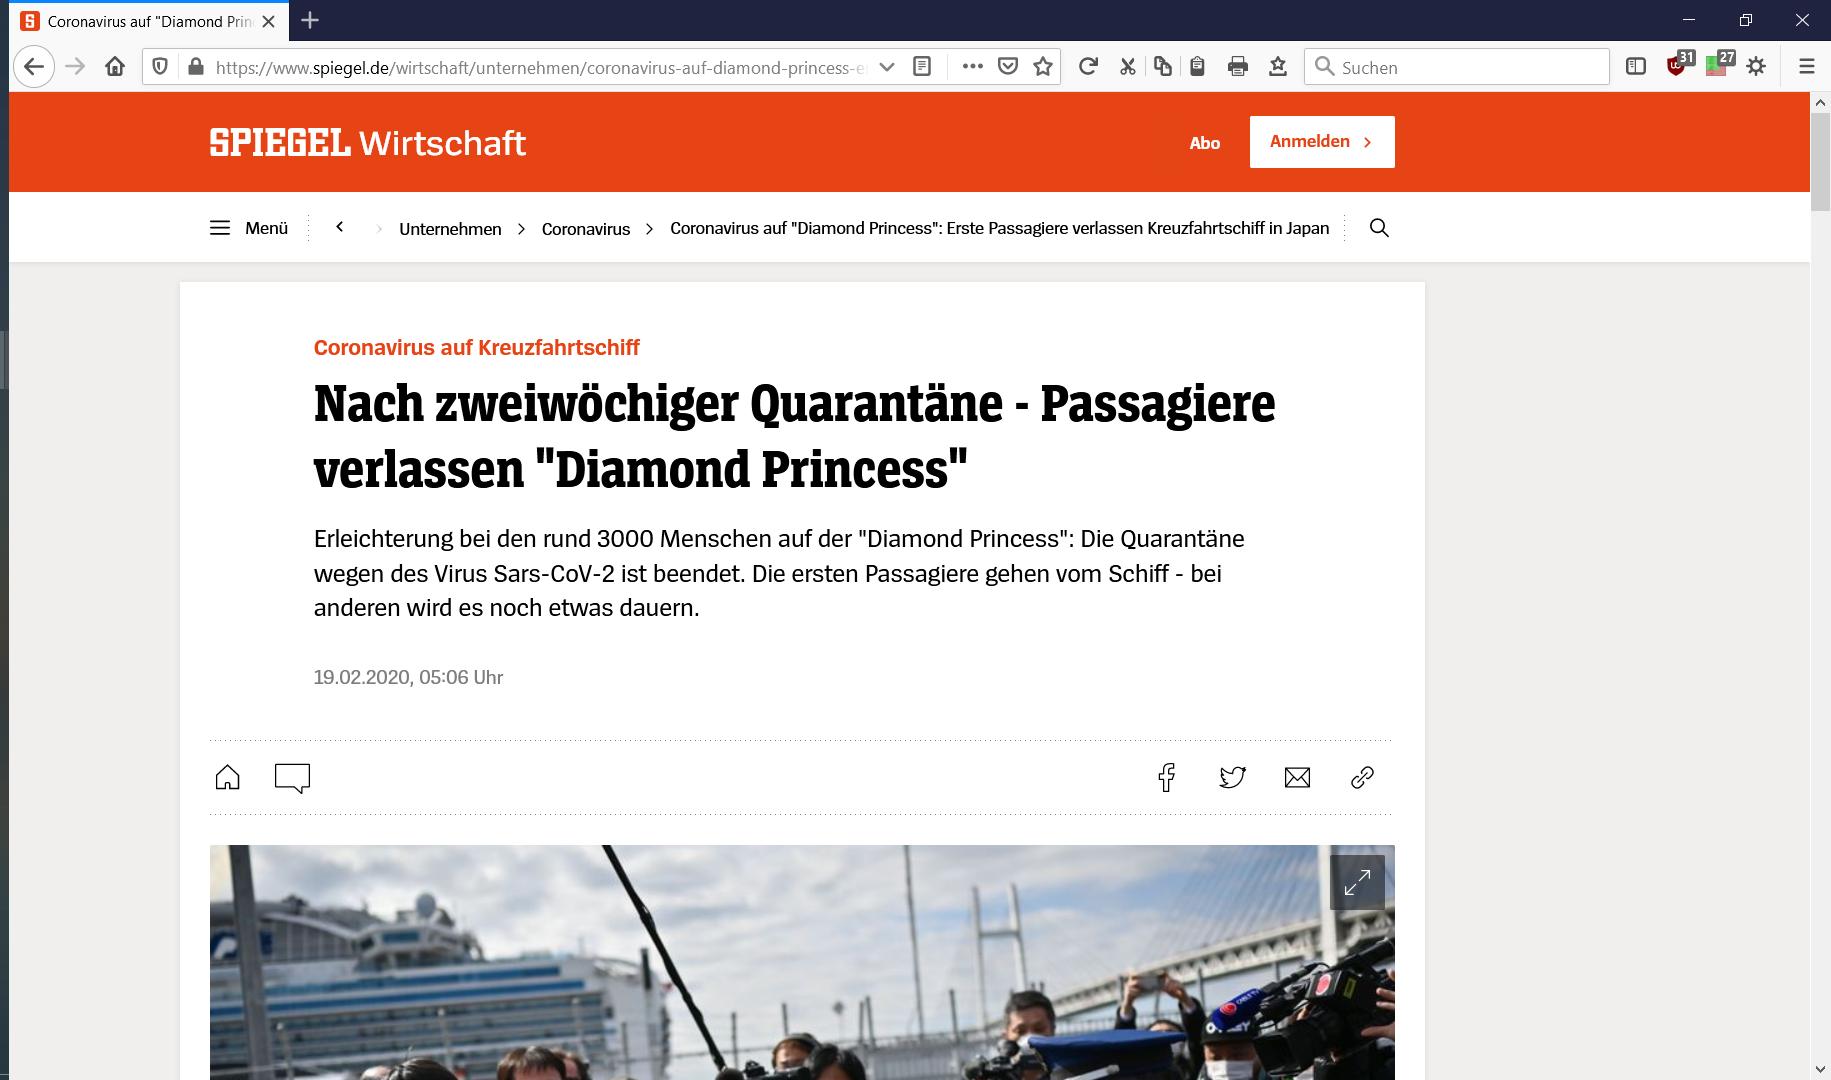 Spiegel_FFaddOn_2020-02-19.png